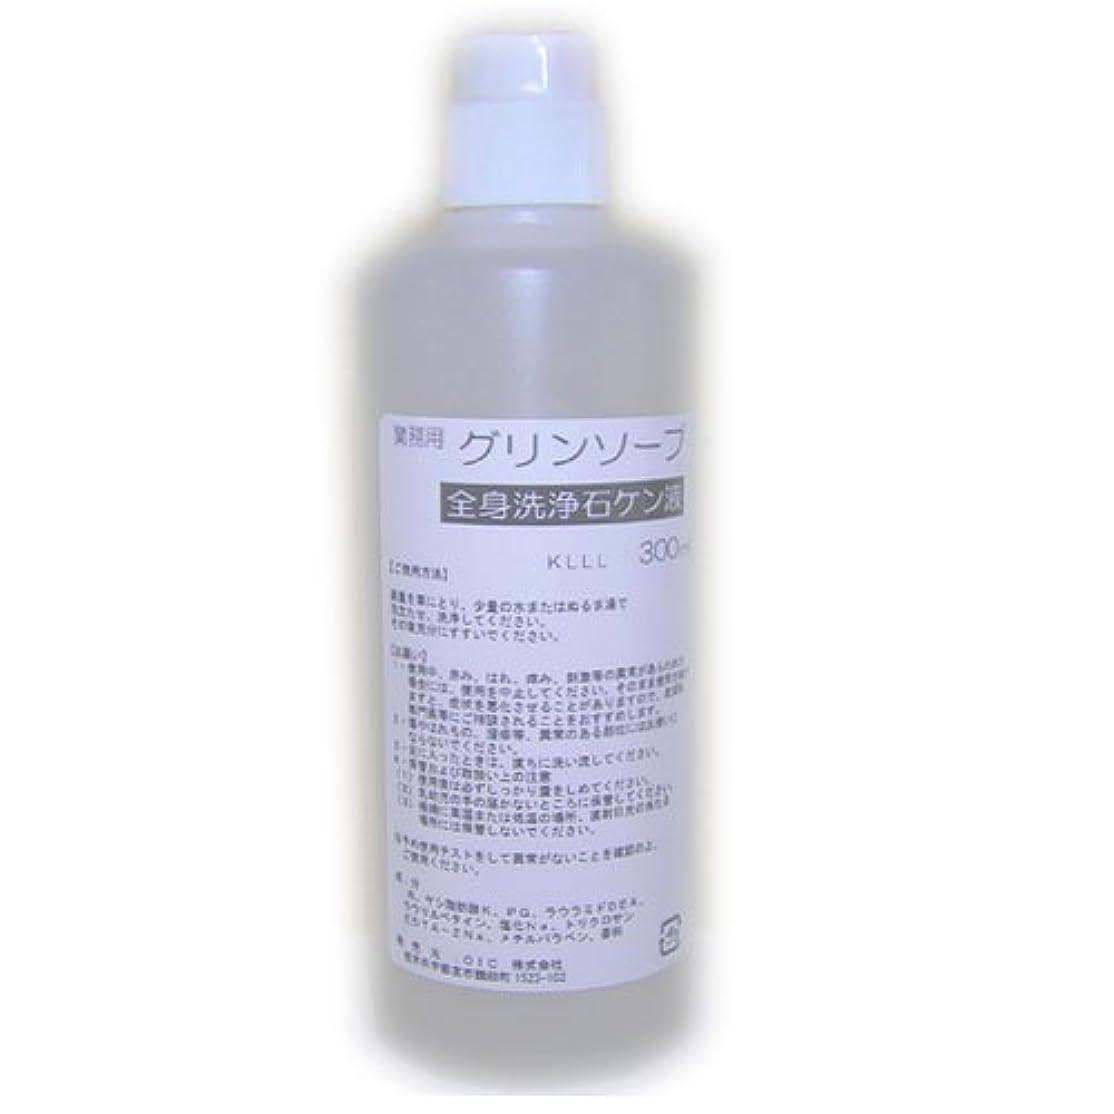 厳人気の精巧な業務用ボディソープ 殺菌成分配合?消毒石鹸液 グリンソープ (300ml)